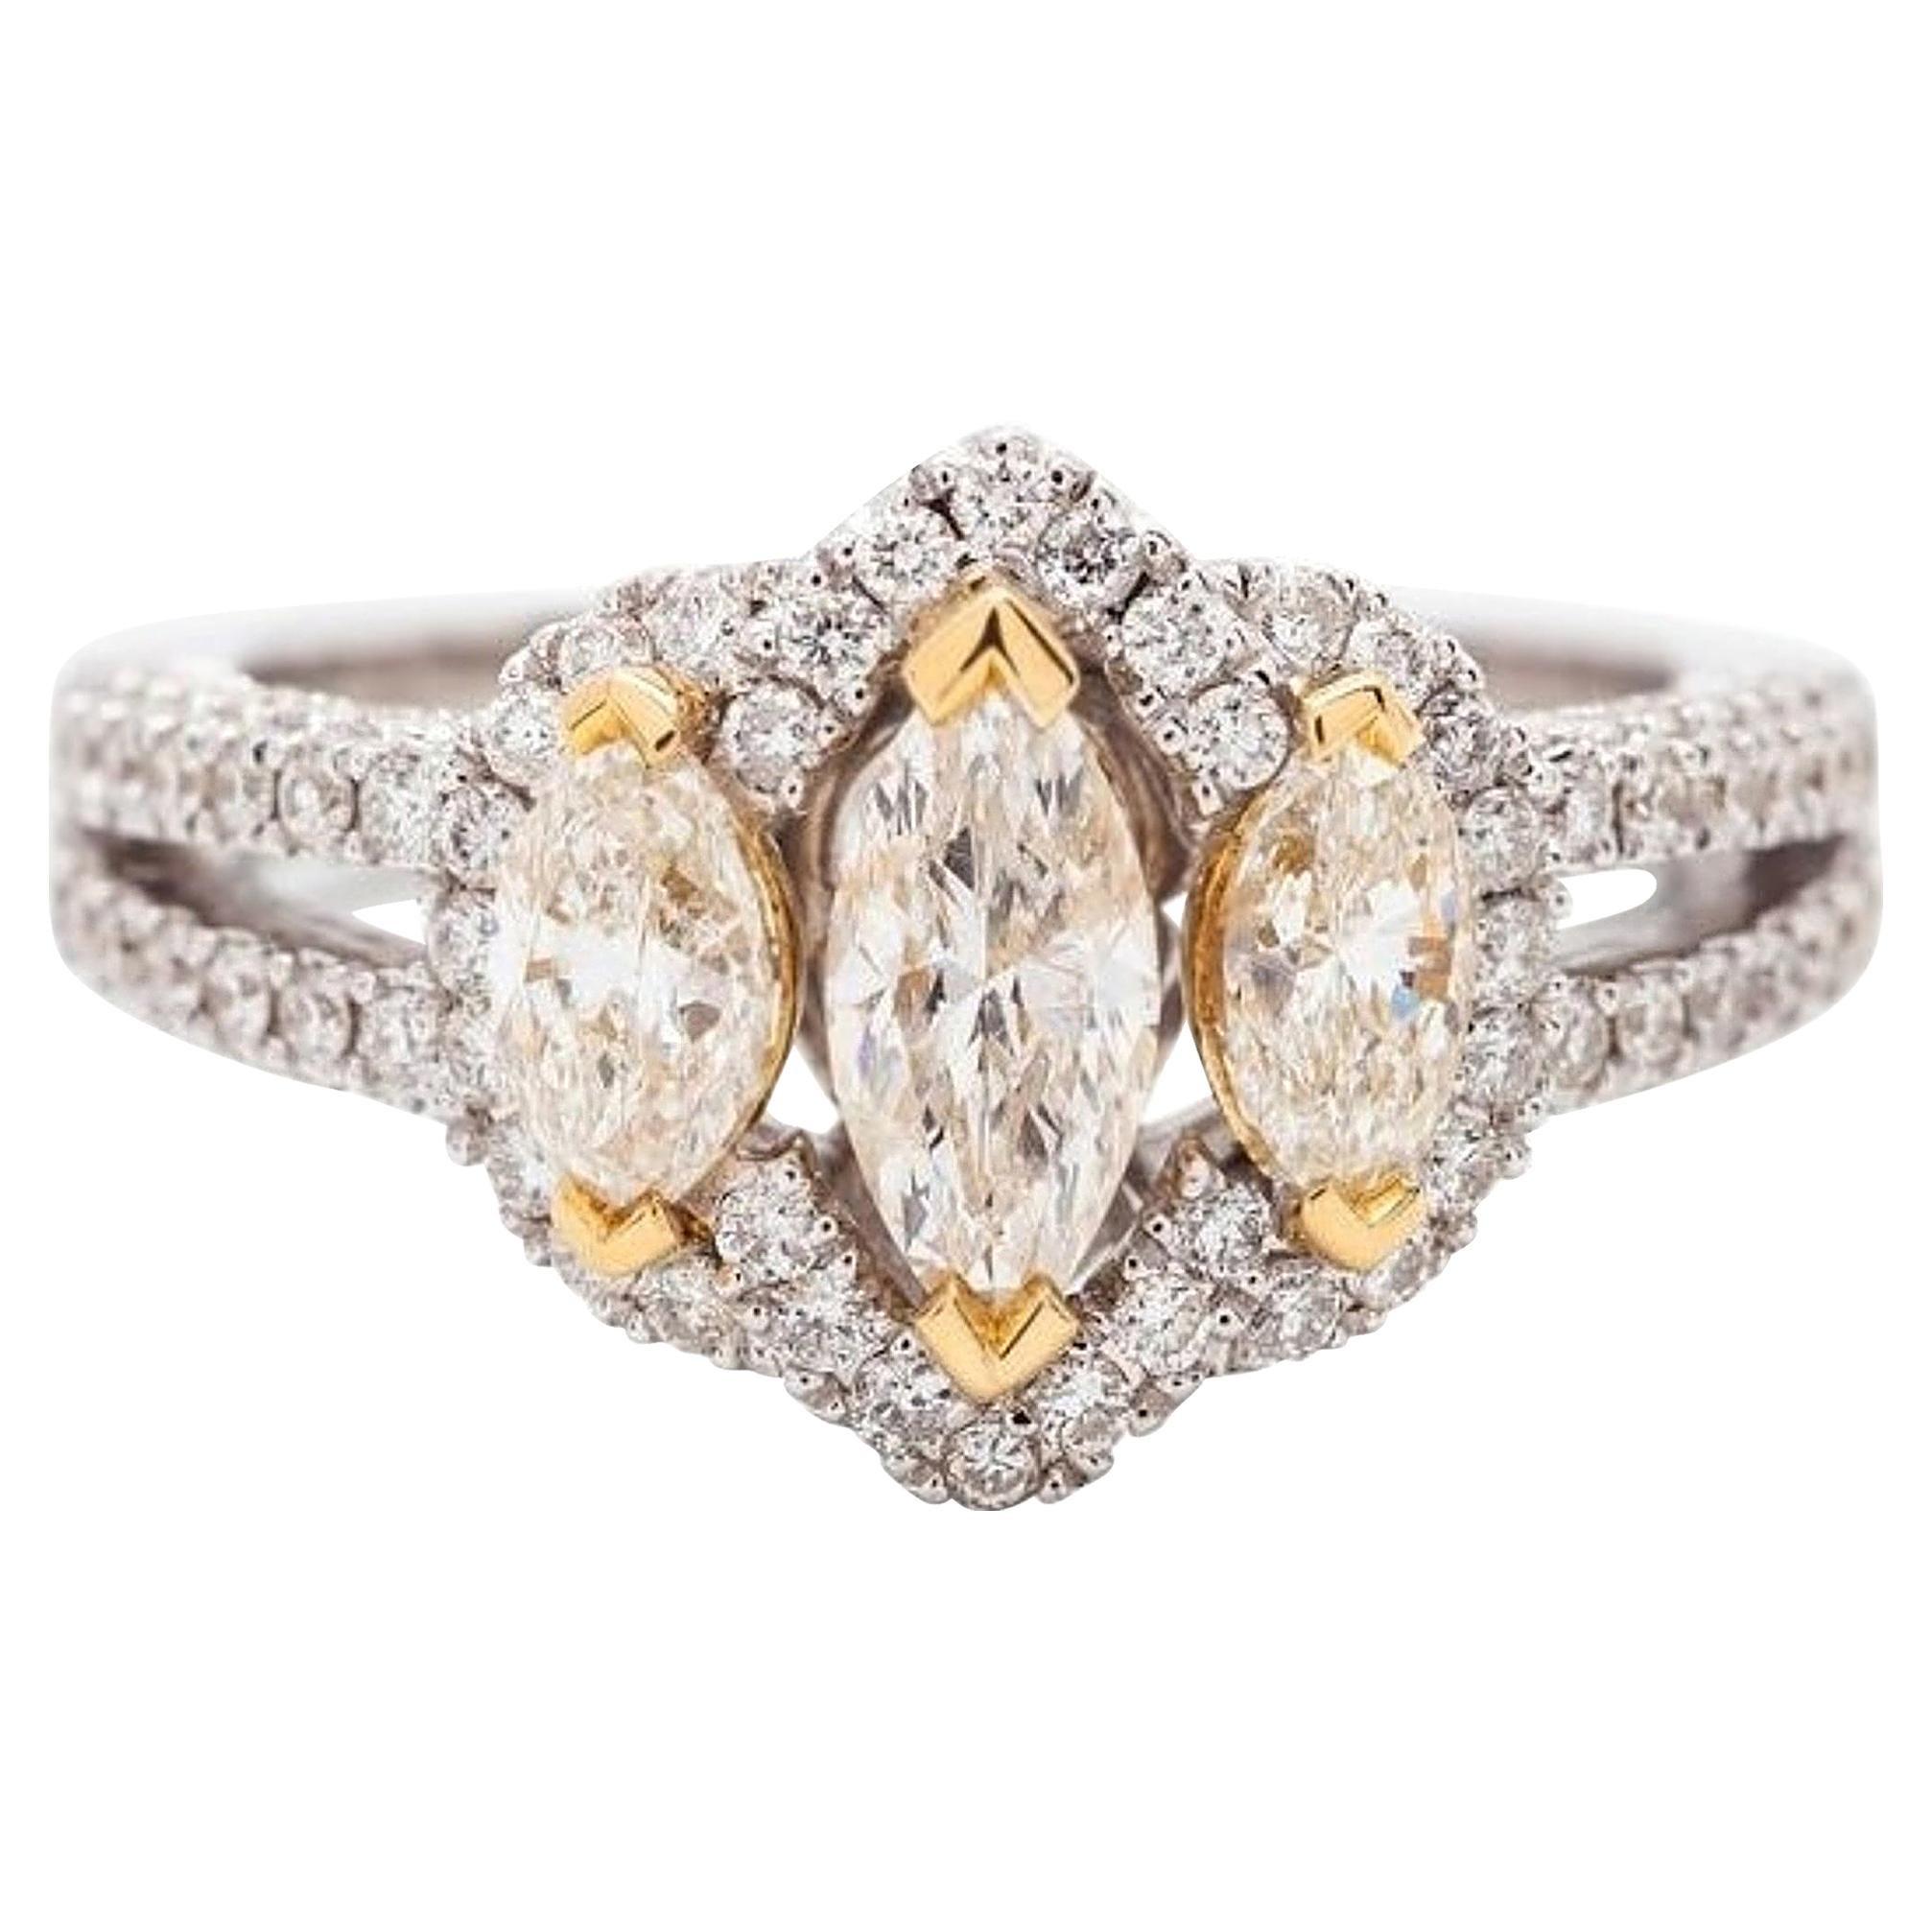 White Gold and Diamond Ring, 18 Karat